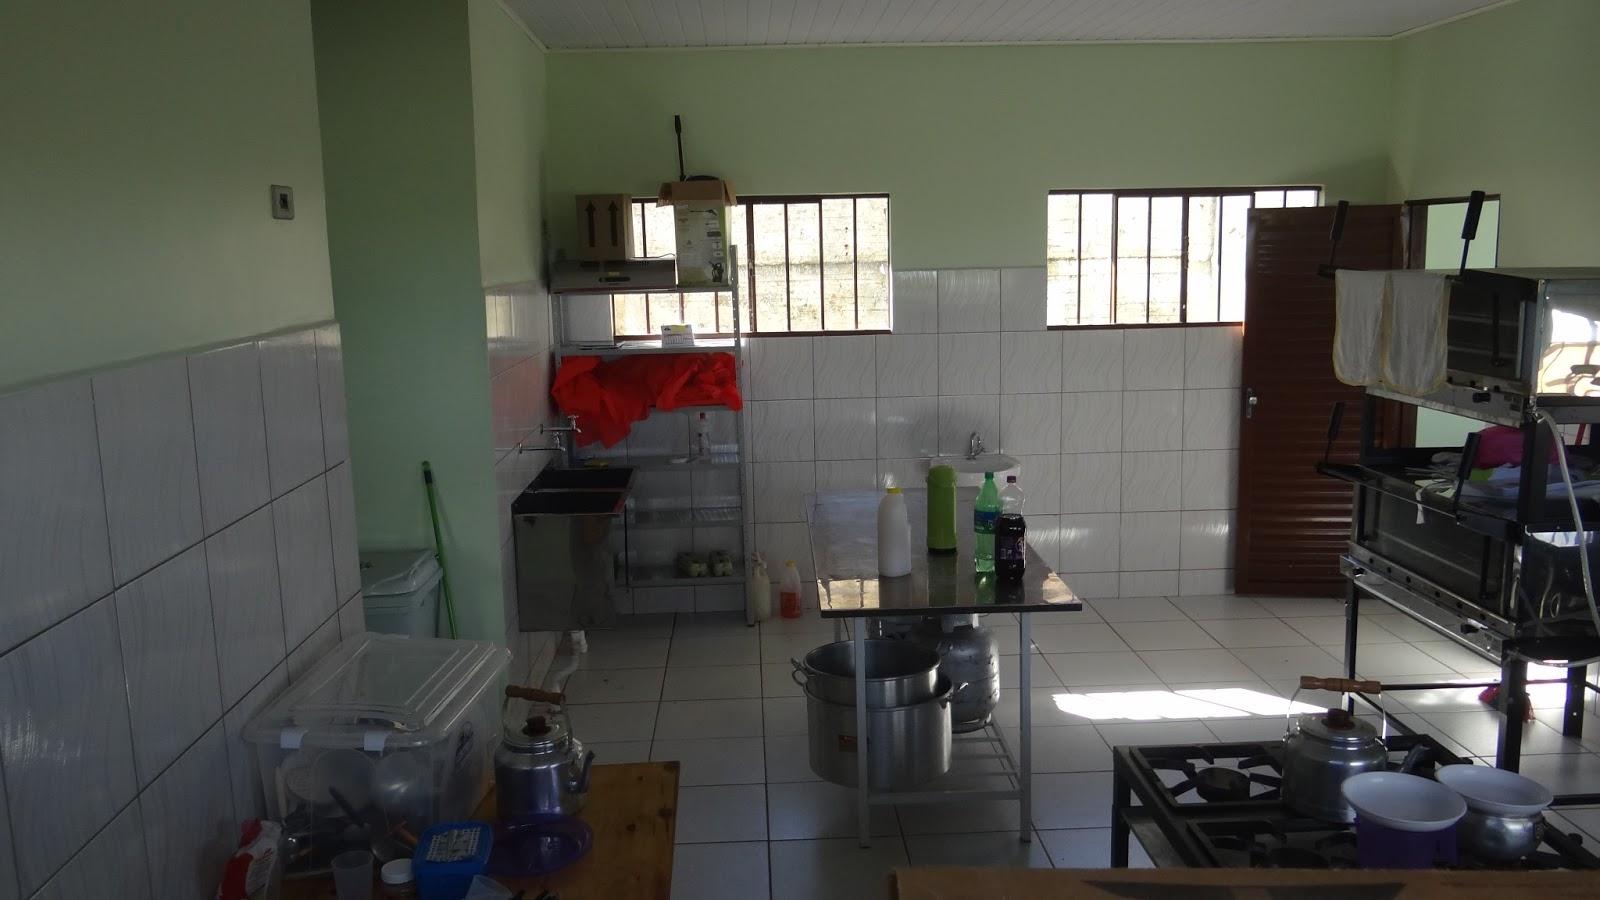 Blog Olho Aberto Paraná: Laranjal:Cozinha Comunitária ou elefante  #5E3632 1600 900